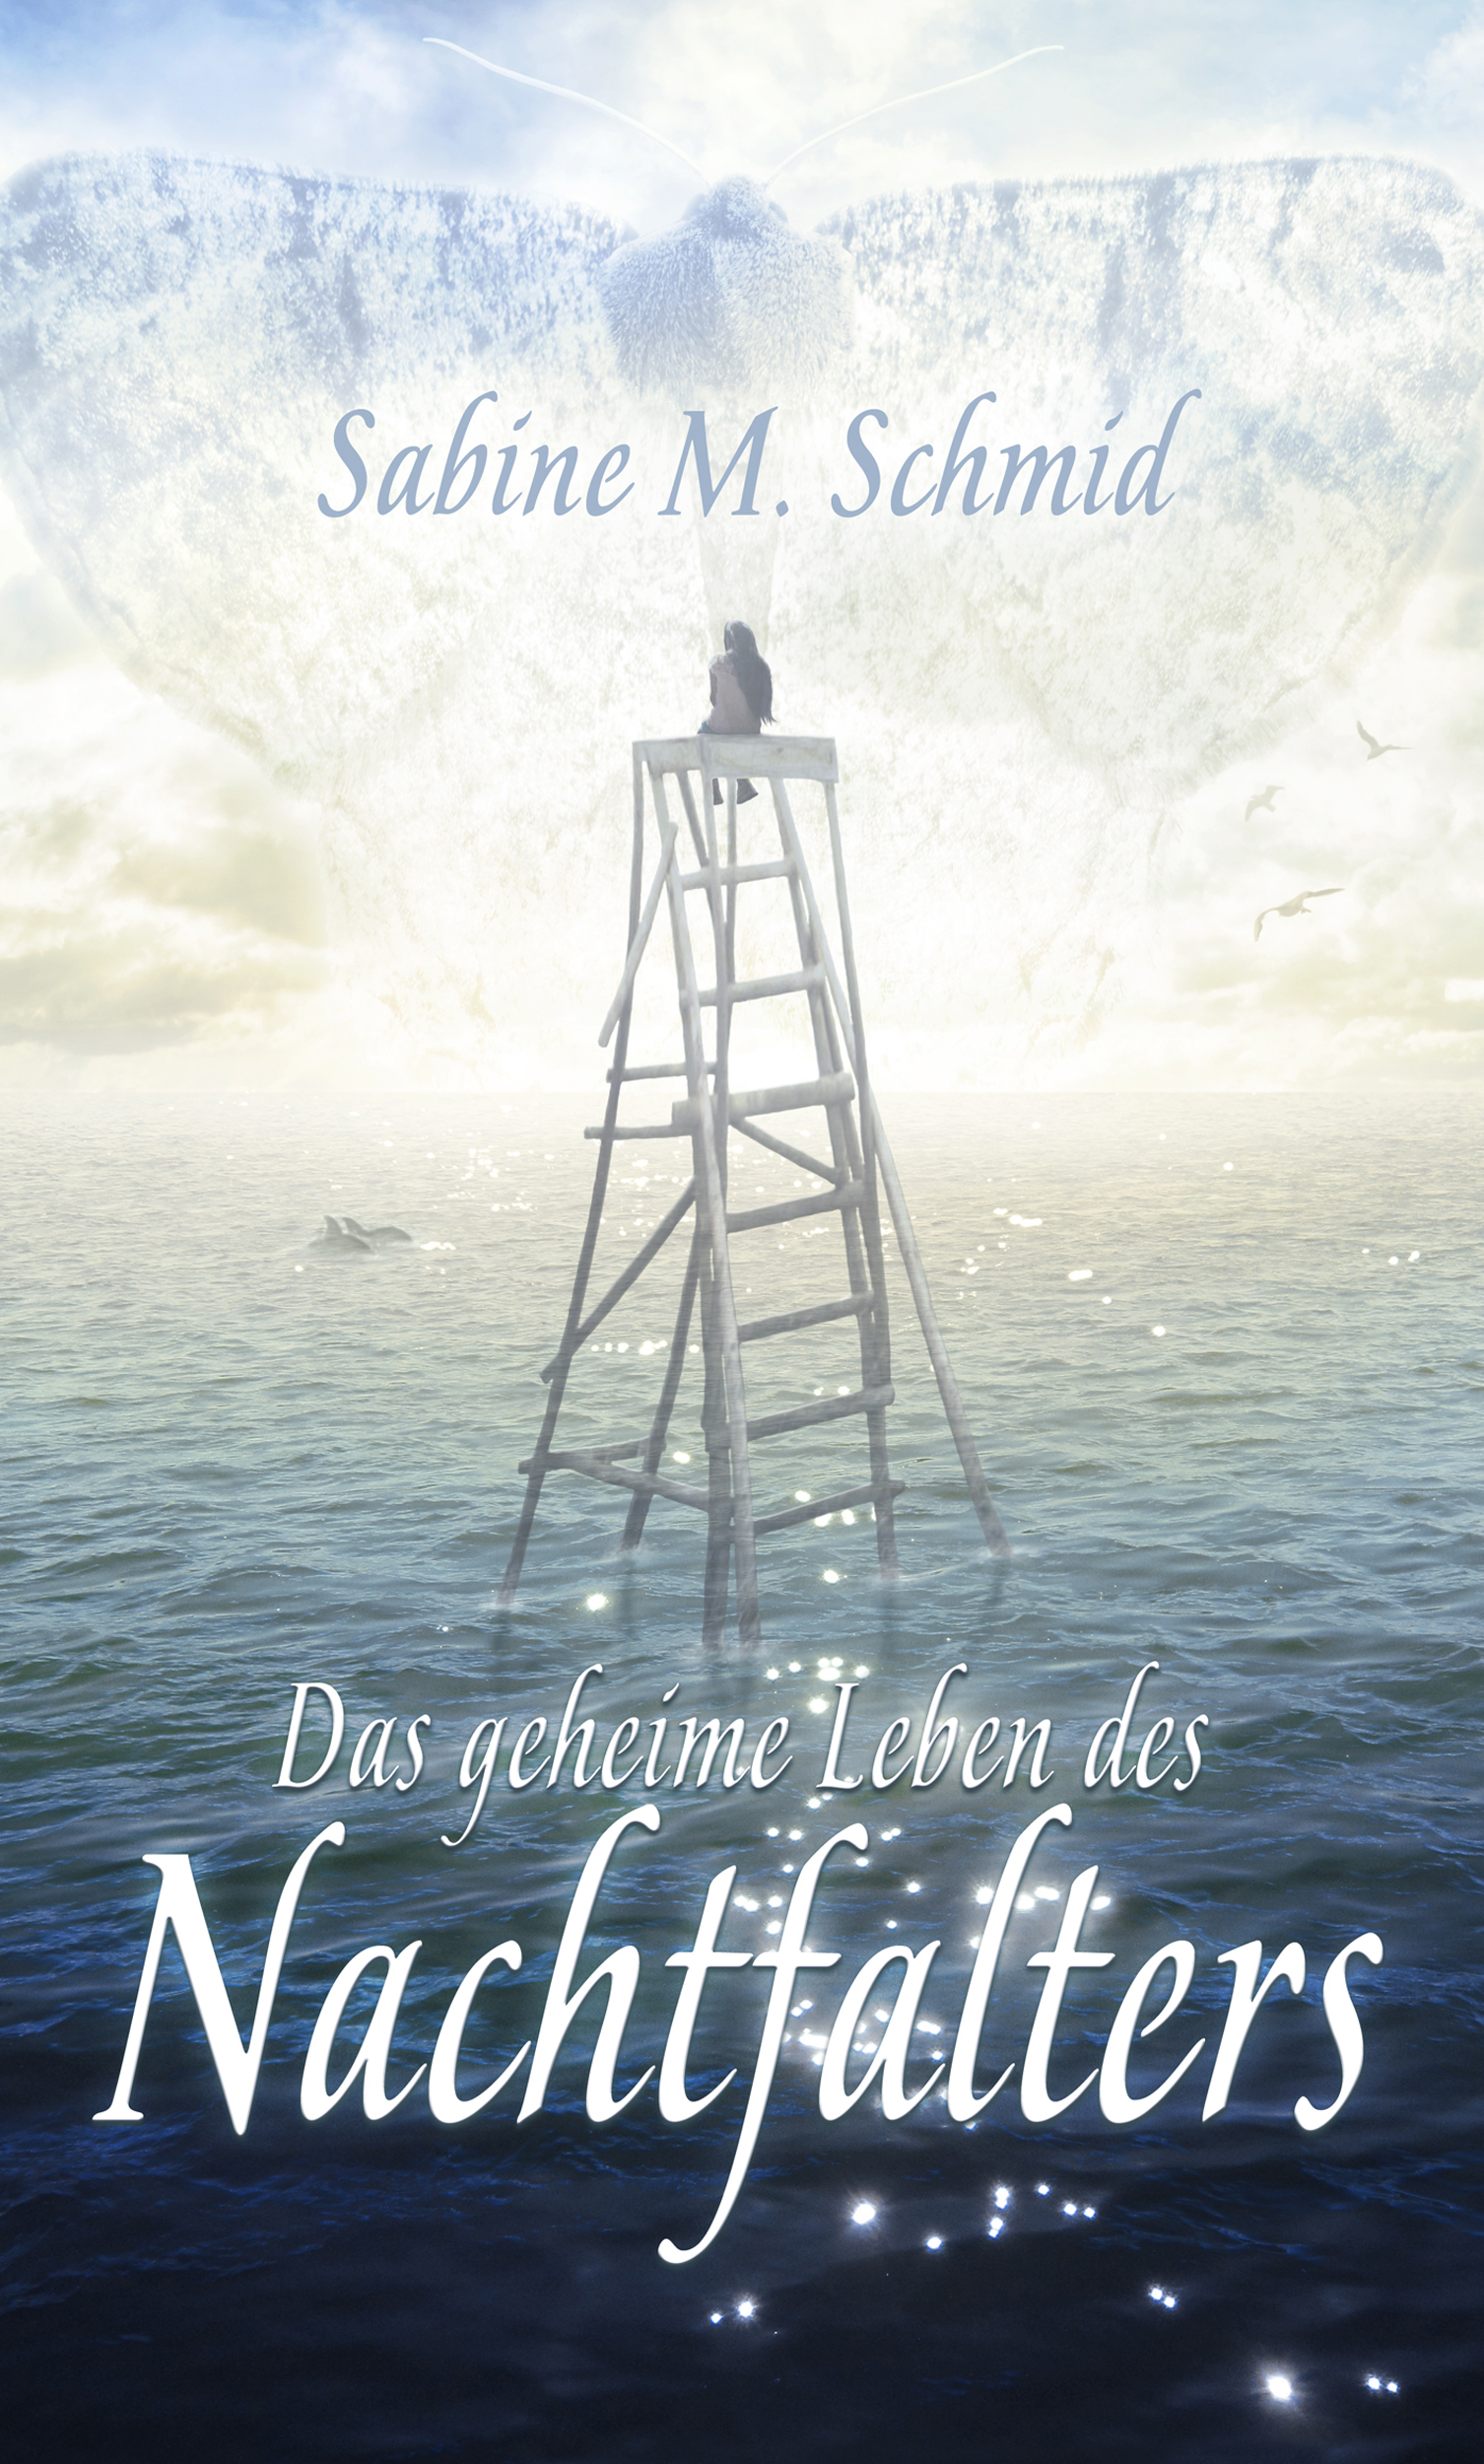 Schmid_Sabine_m_Das_geheime_Leben_des_Nachtfalters_phantastik-autoren-netzwerk.jpg